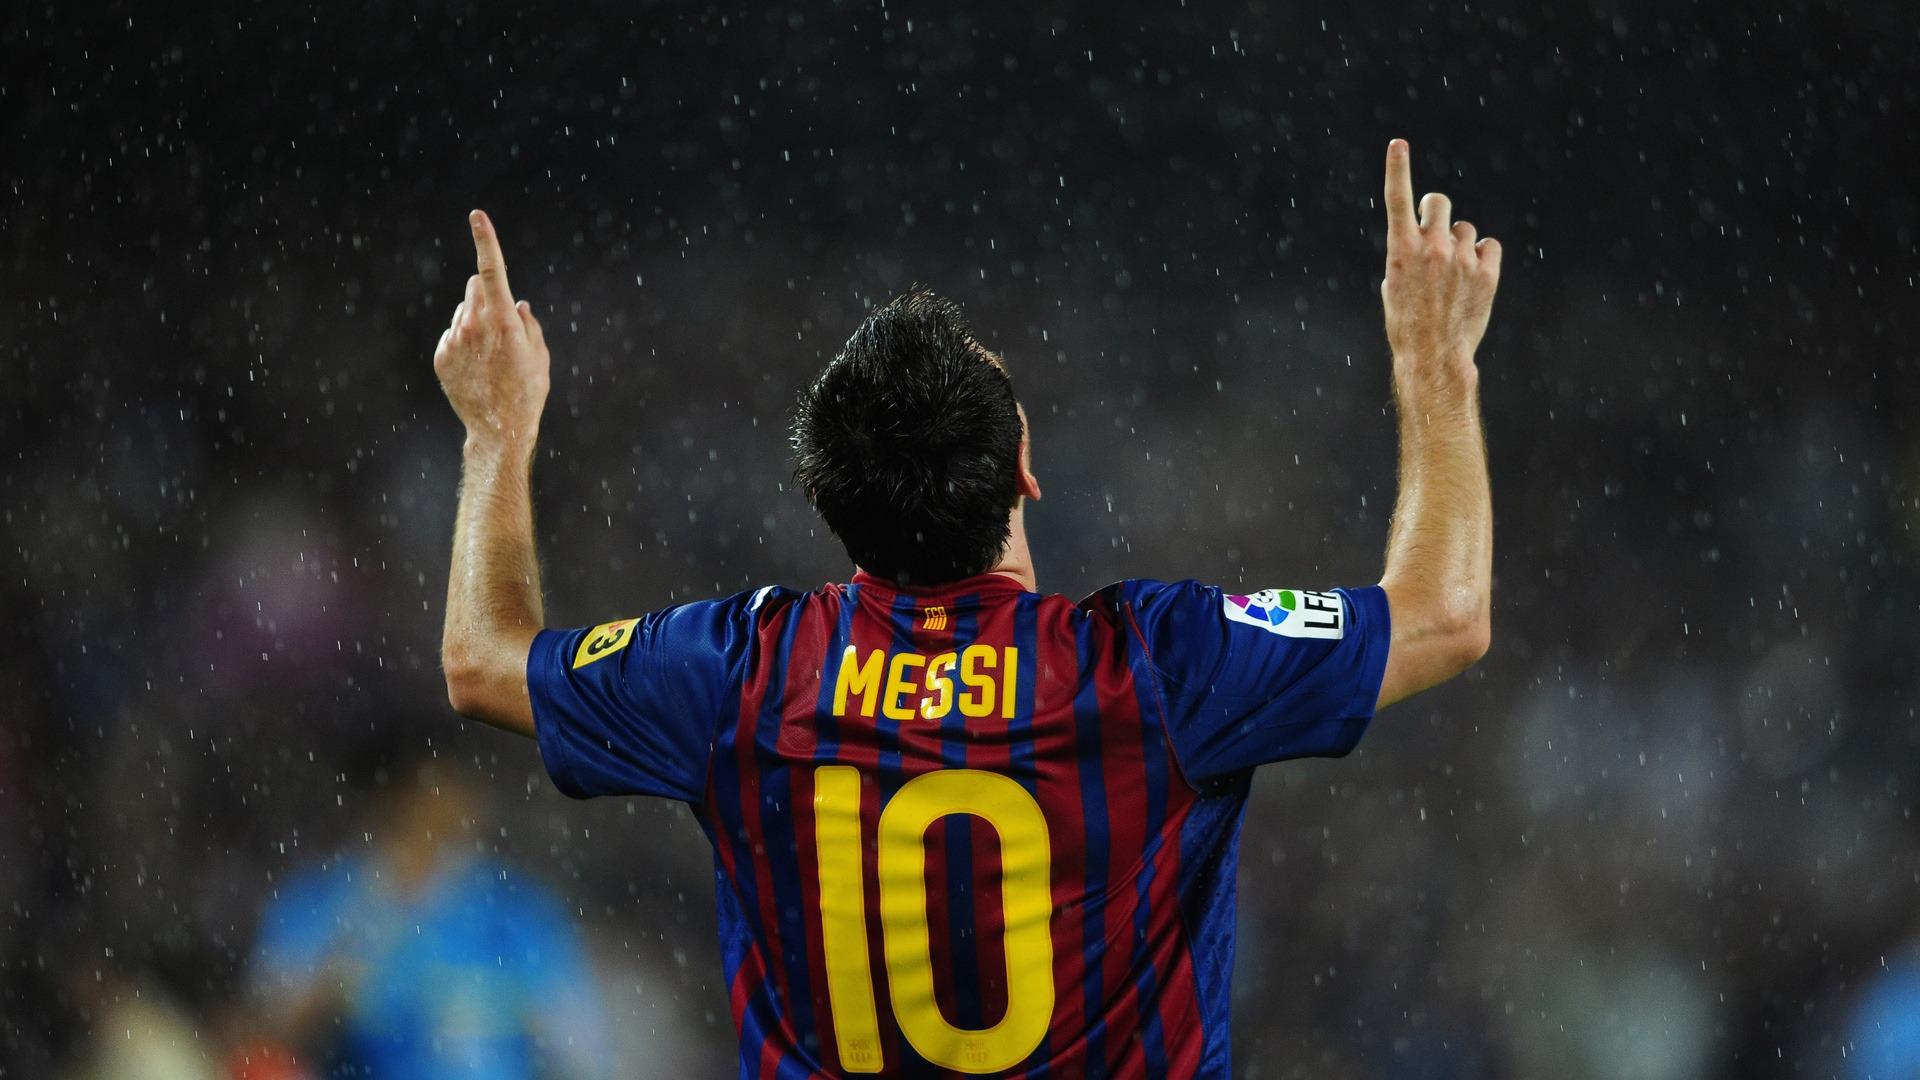 Messi Wallpaper No 10